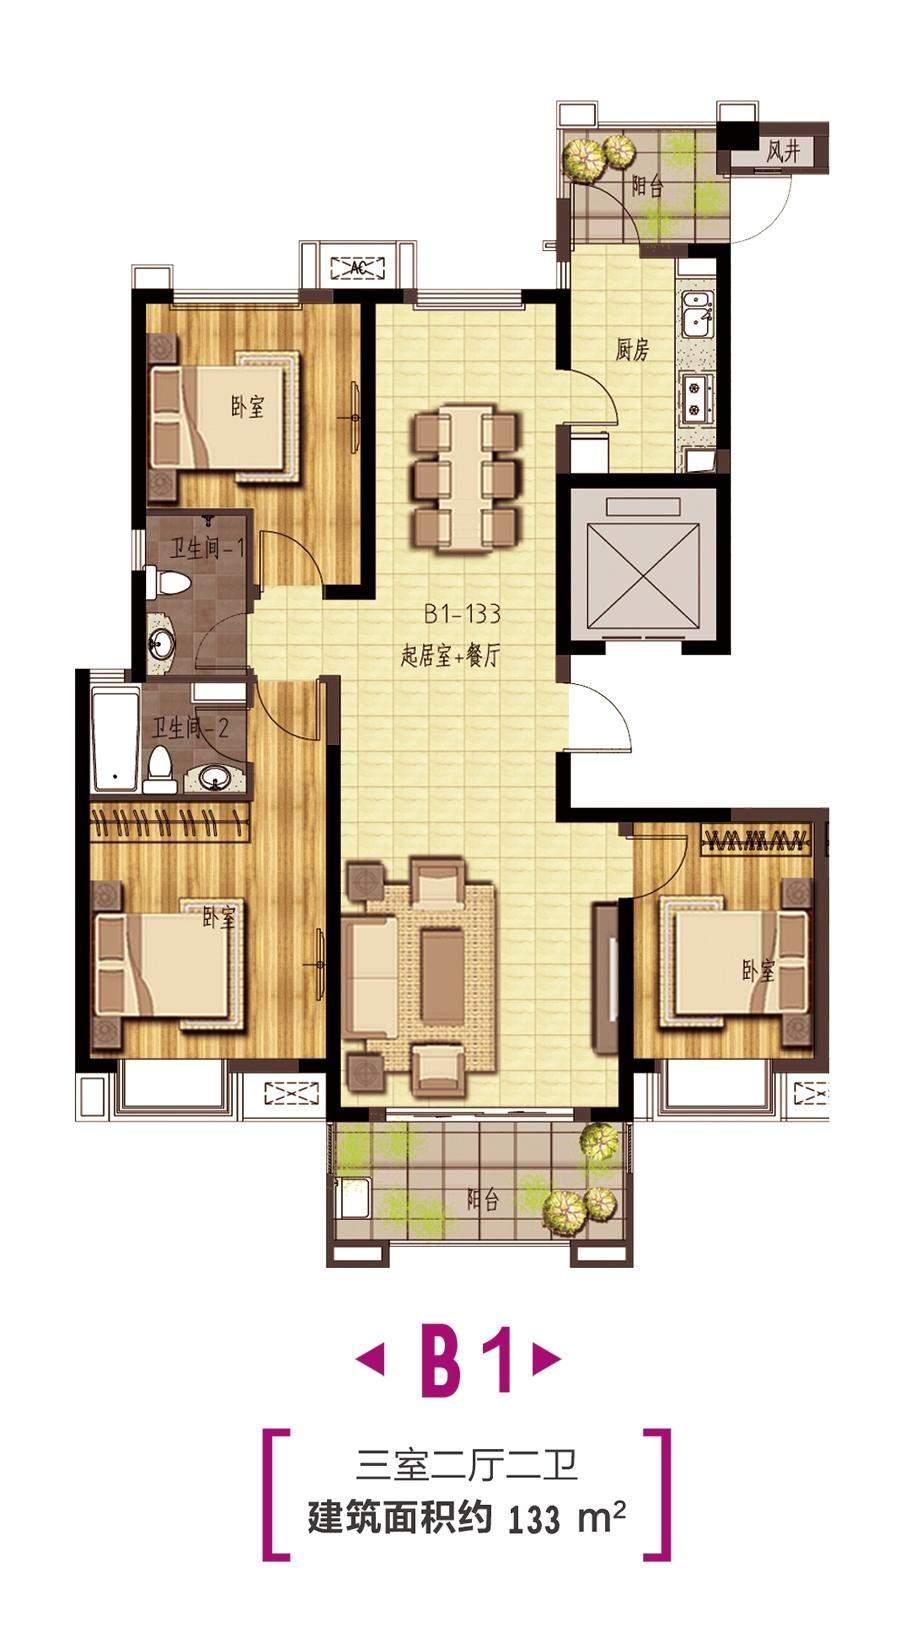 住宅B1户型图